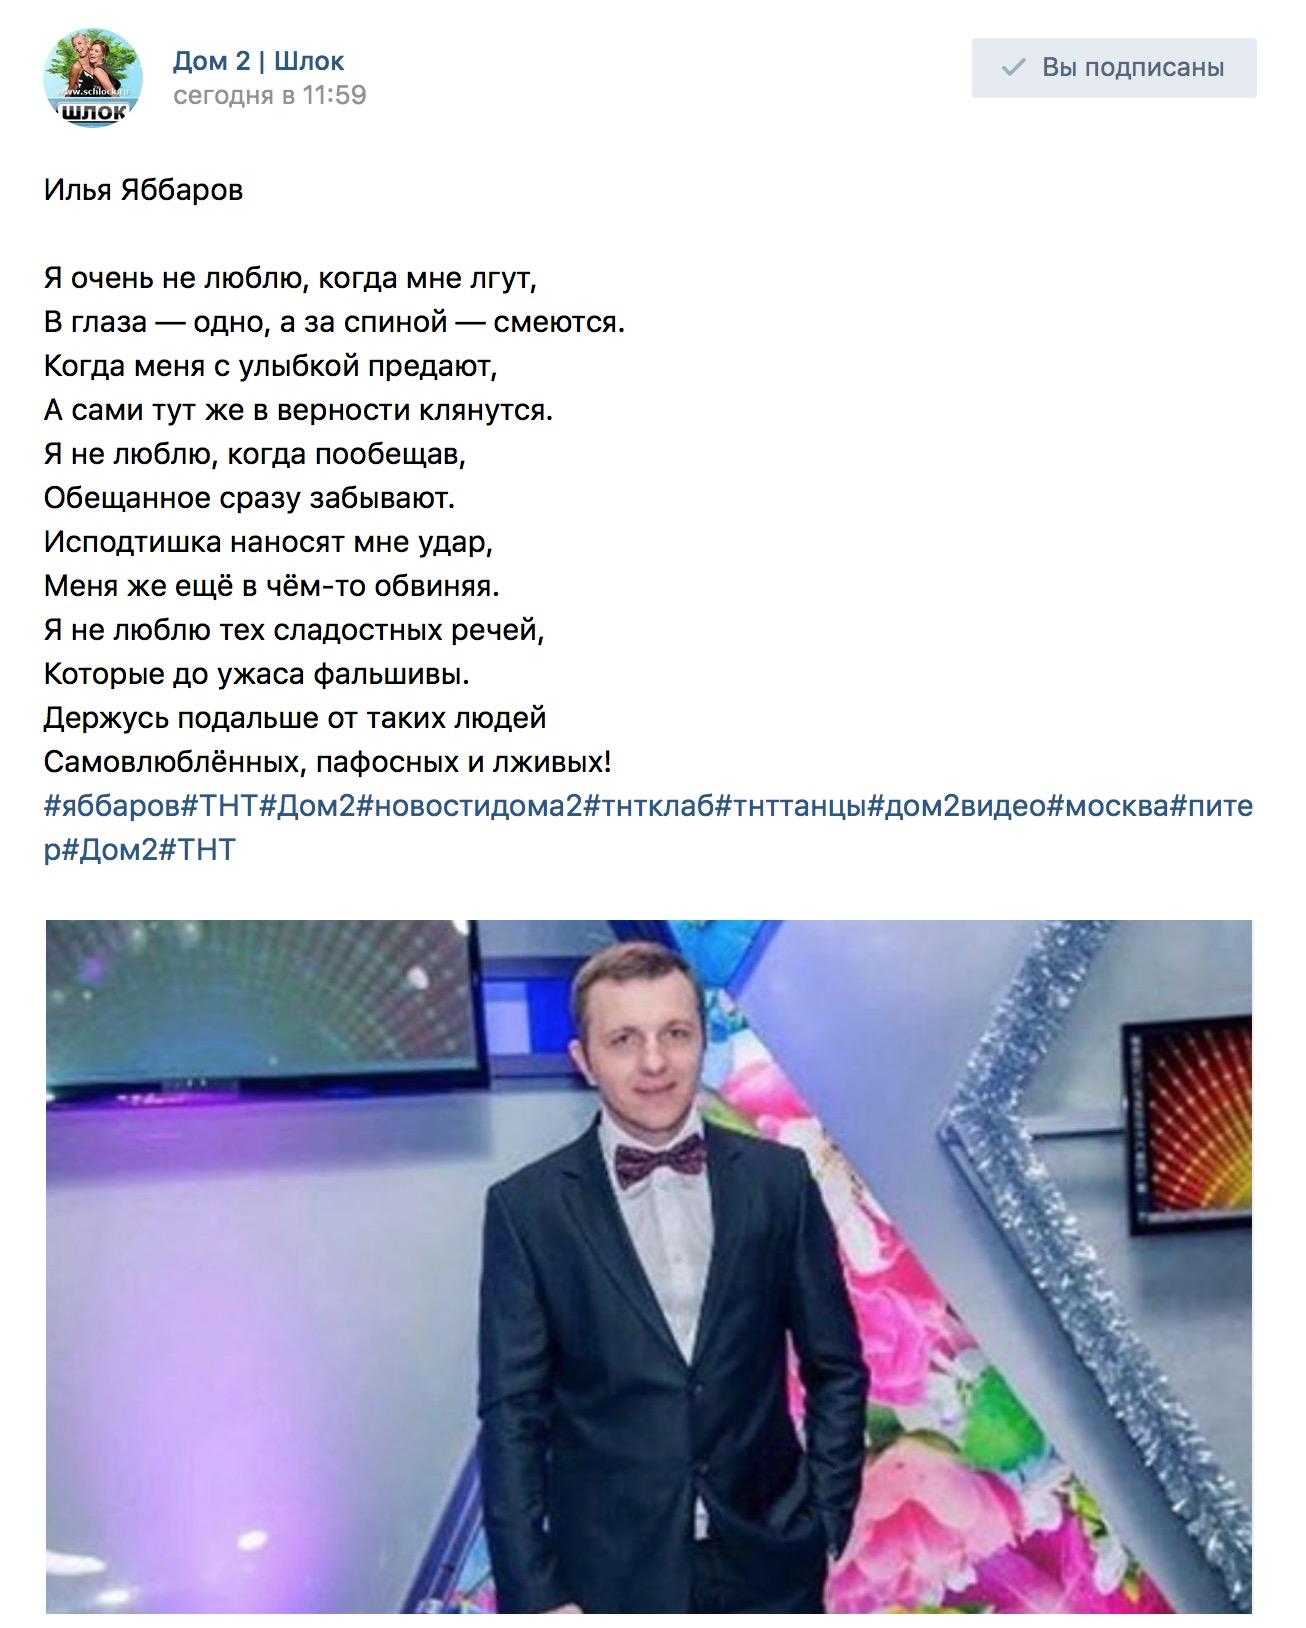 Илья Яббаров. Я очень не люблю, когда мне лгут